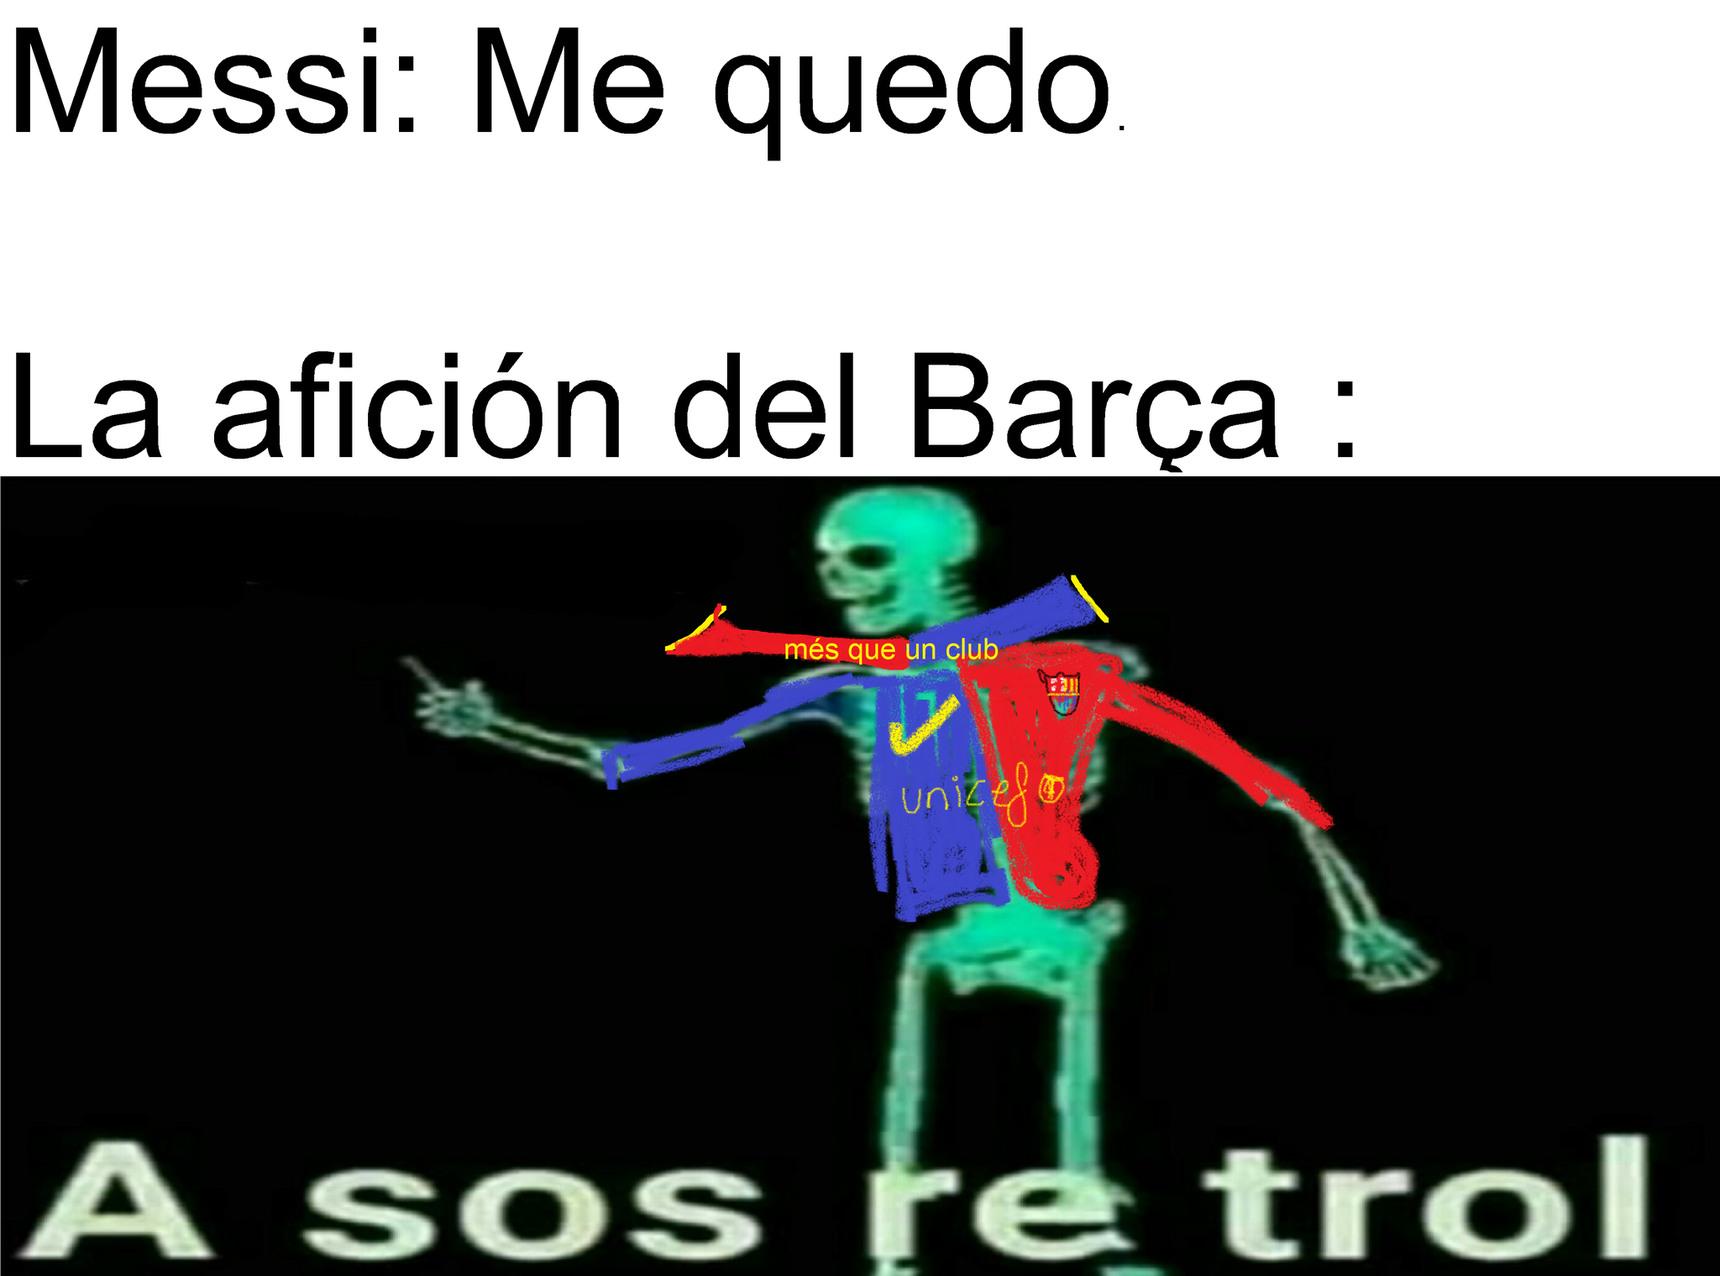 DIJE QUE SE QUEDARÍA Y SE QUEDÓ - meme